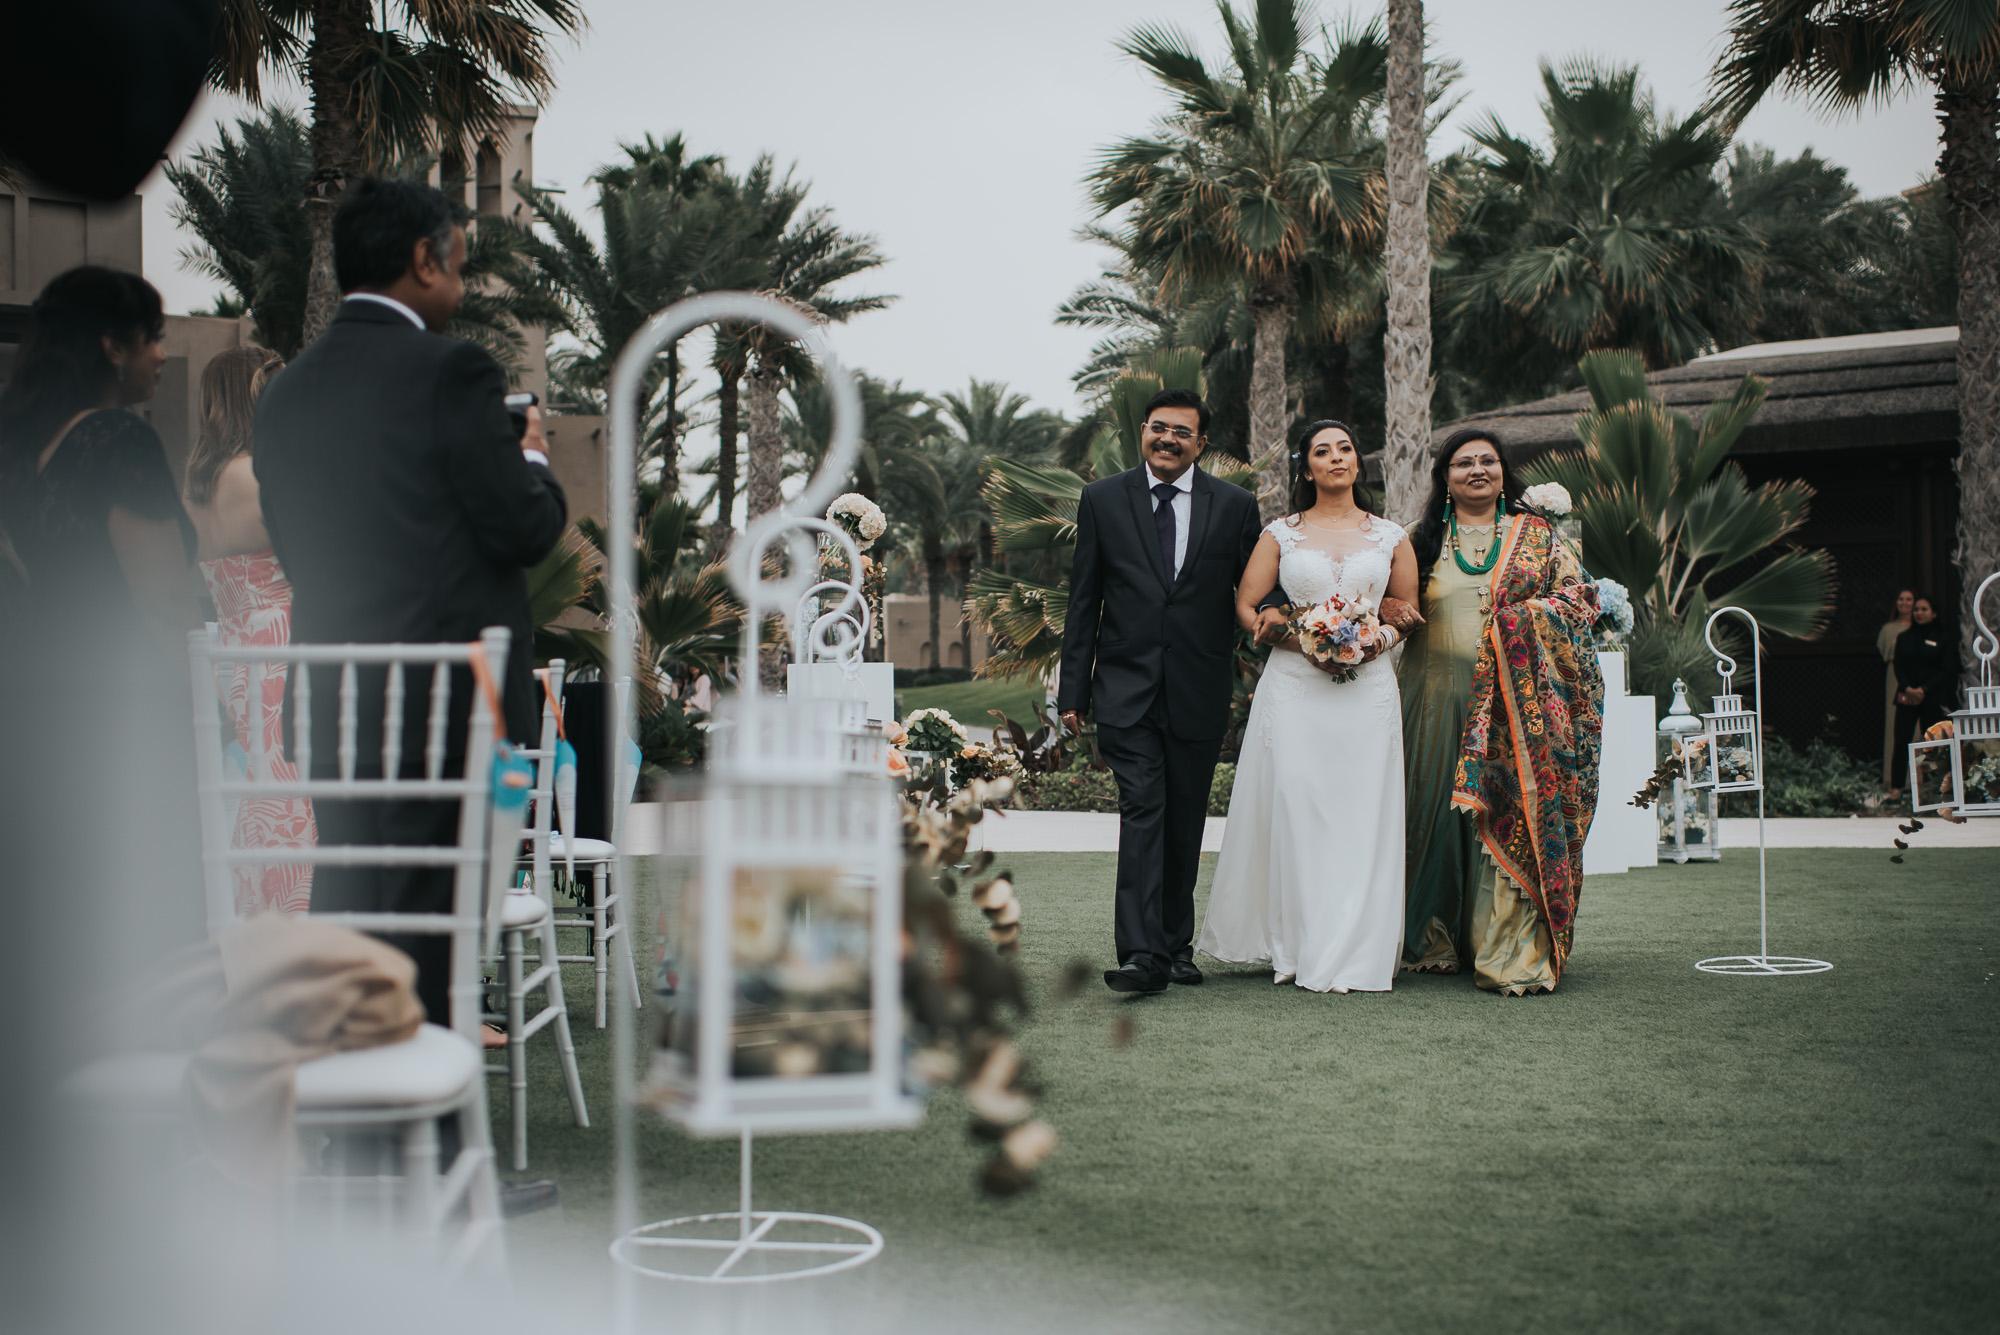 madinat jumeirah dubai wedding photographer  destination wedding photography (10 of 52).jpg